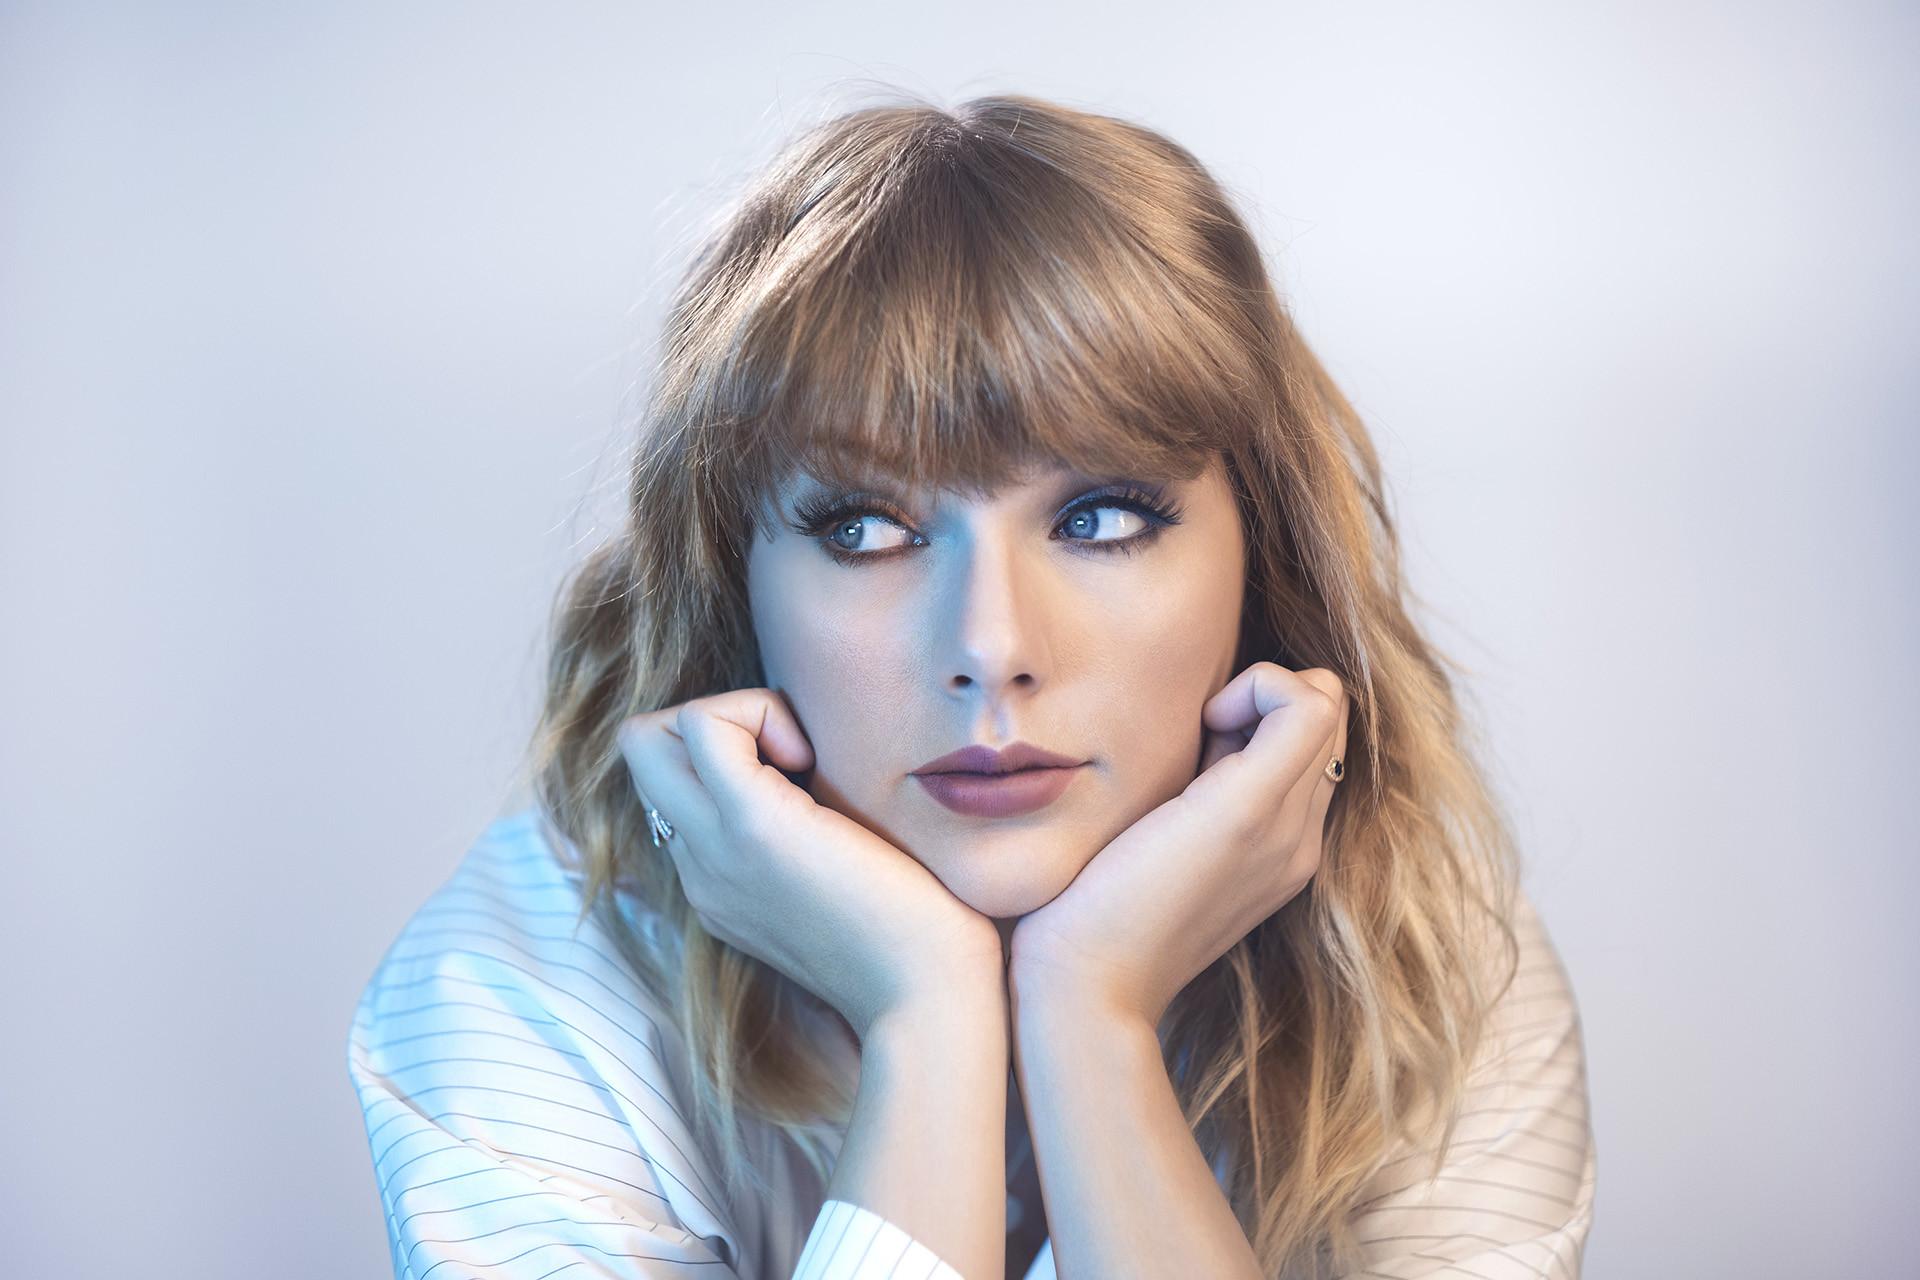 Taylor swift beautiful photo